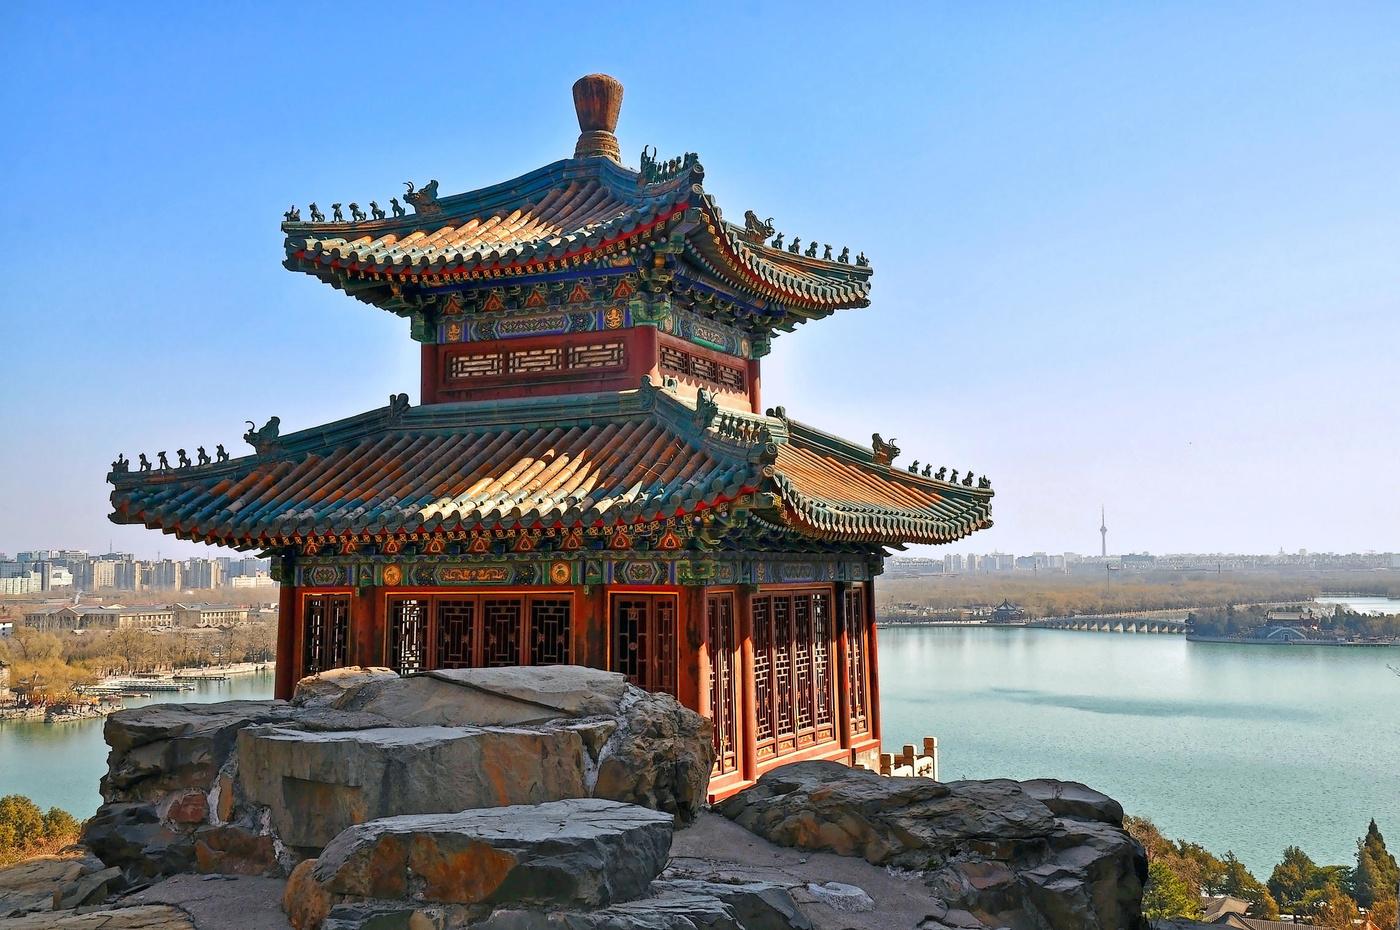 роскошные красивые картинки пекин слову, процесс брожения